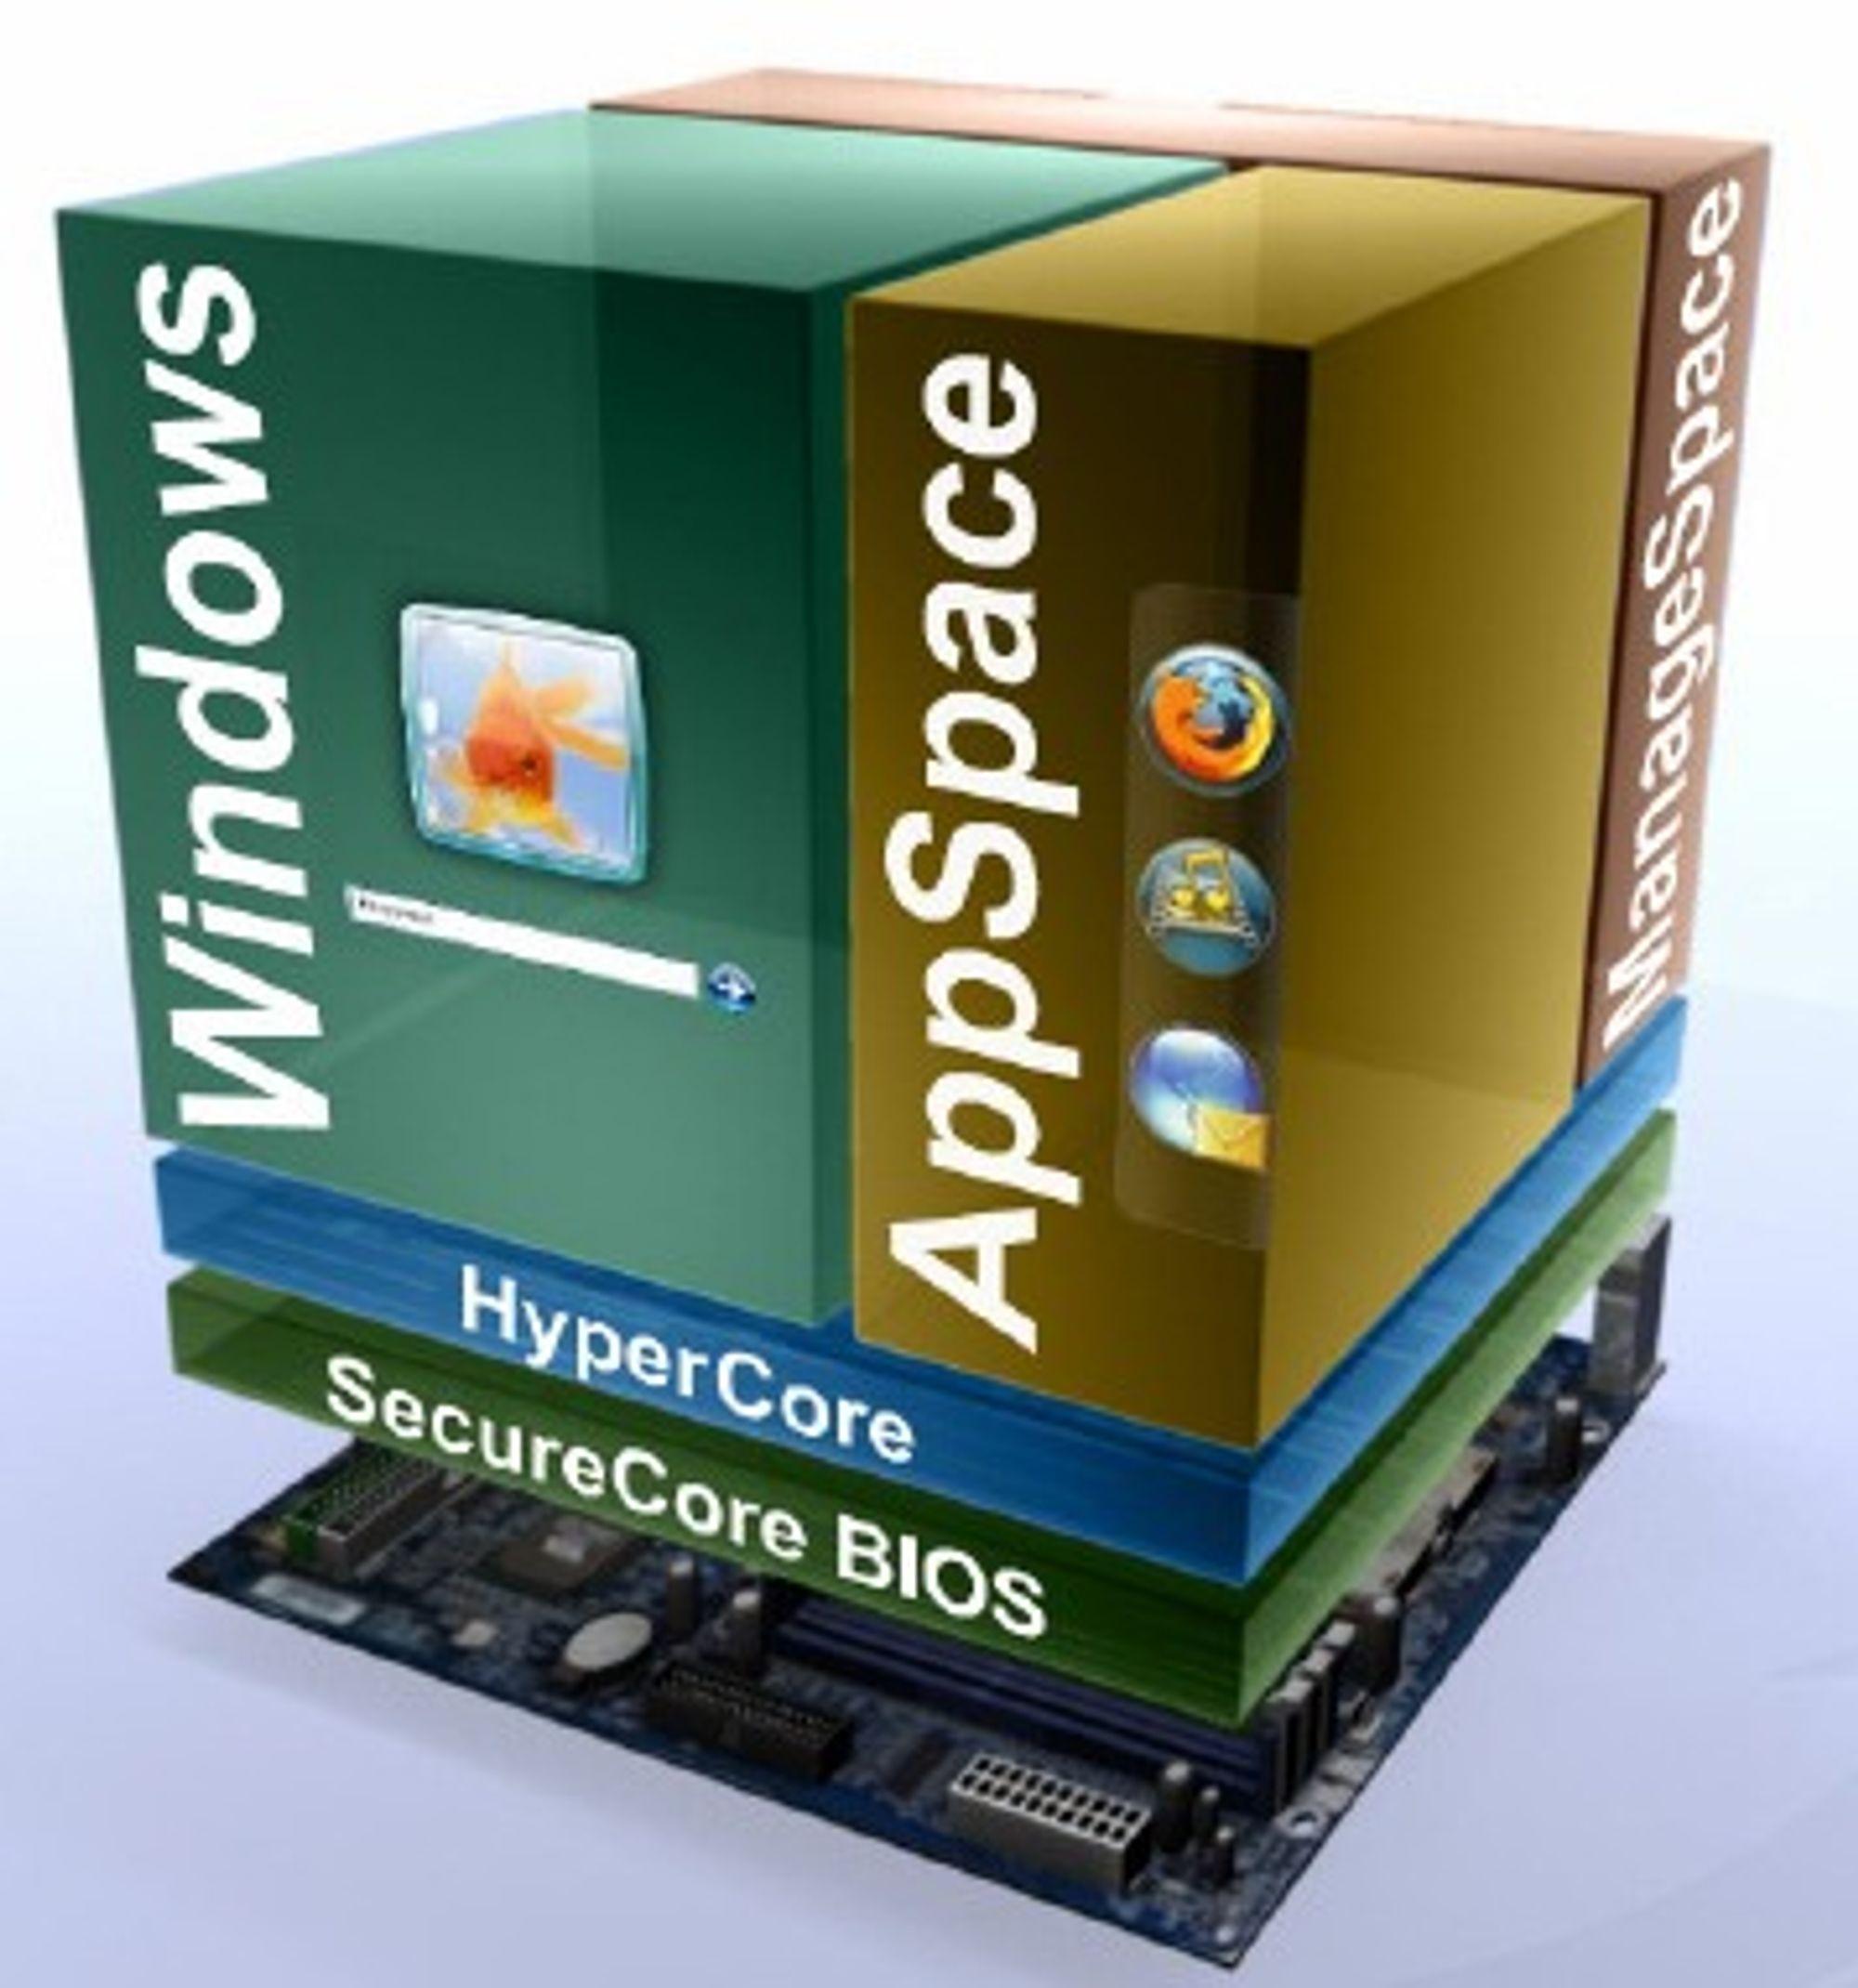 HyperSpace kjører mye brukte applikasjoner i et system parallelt med for eksempel Windows.